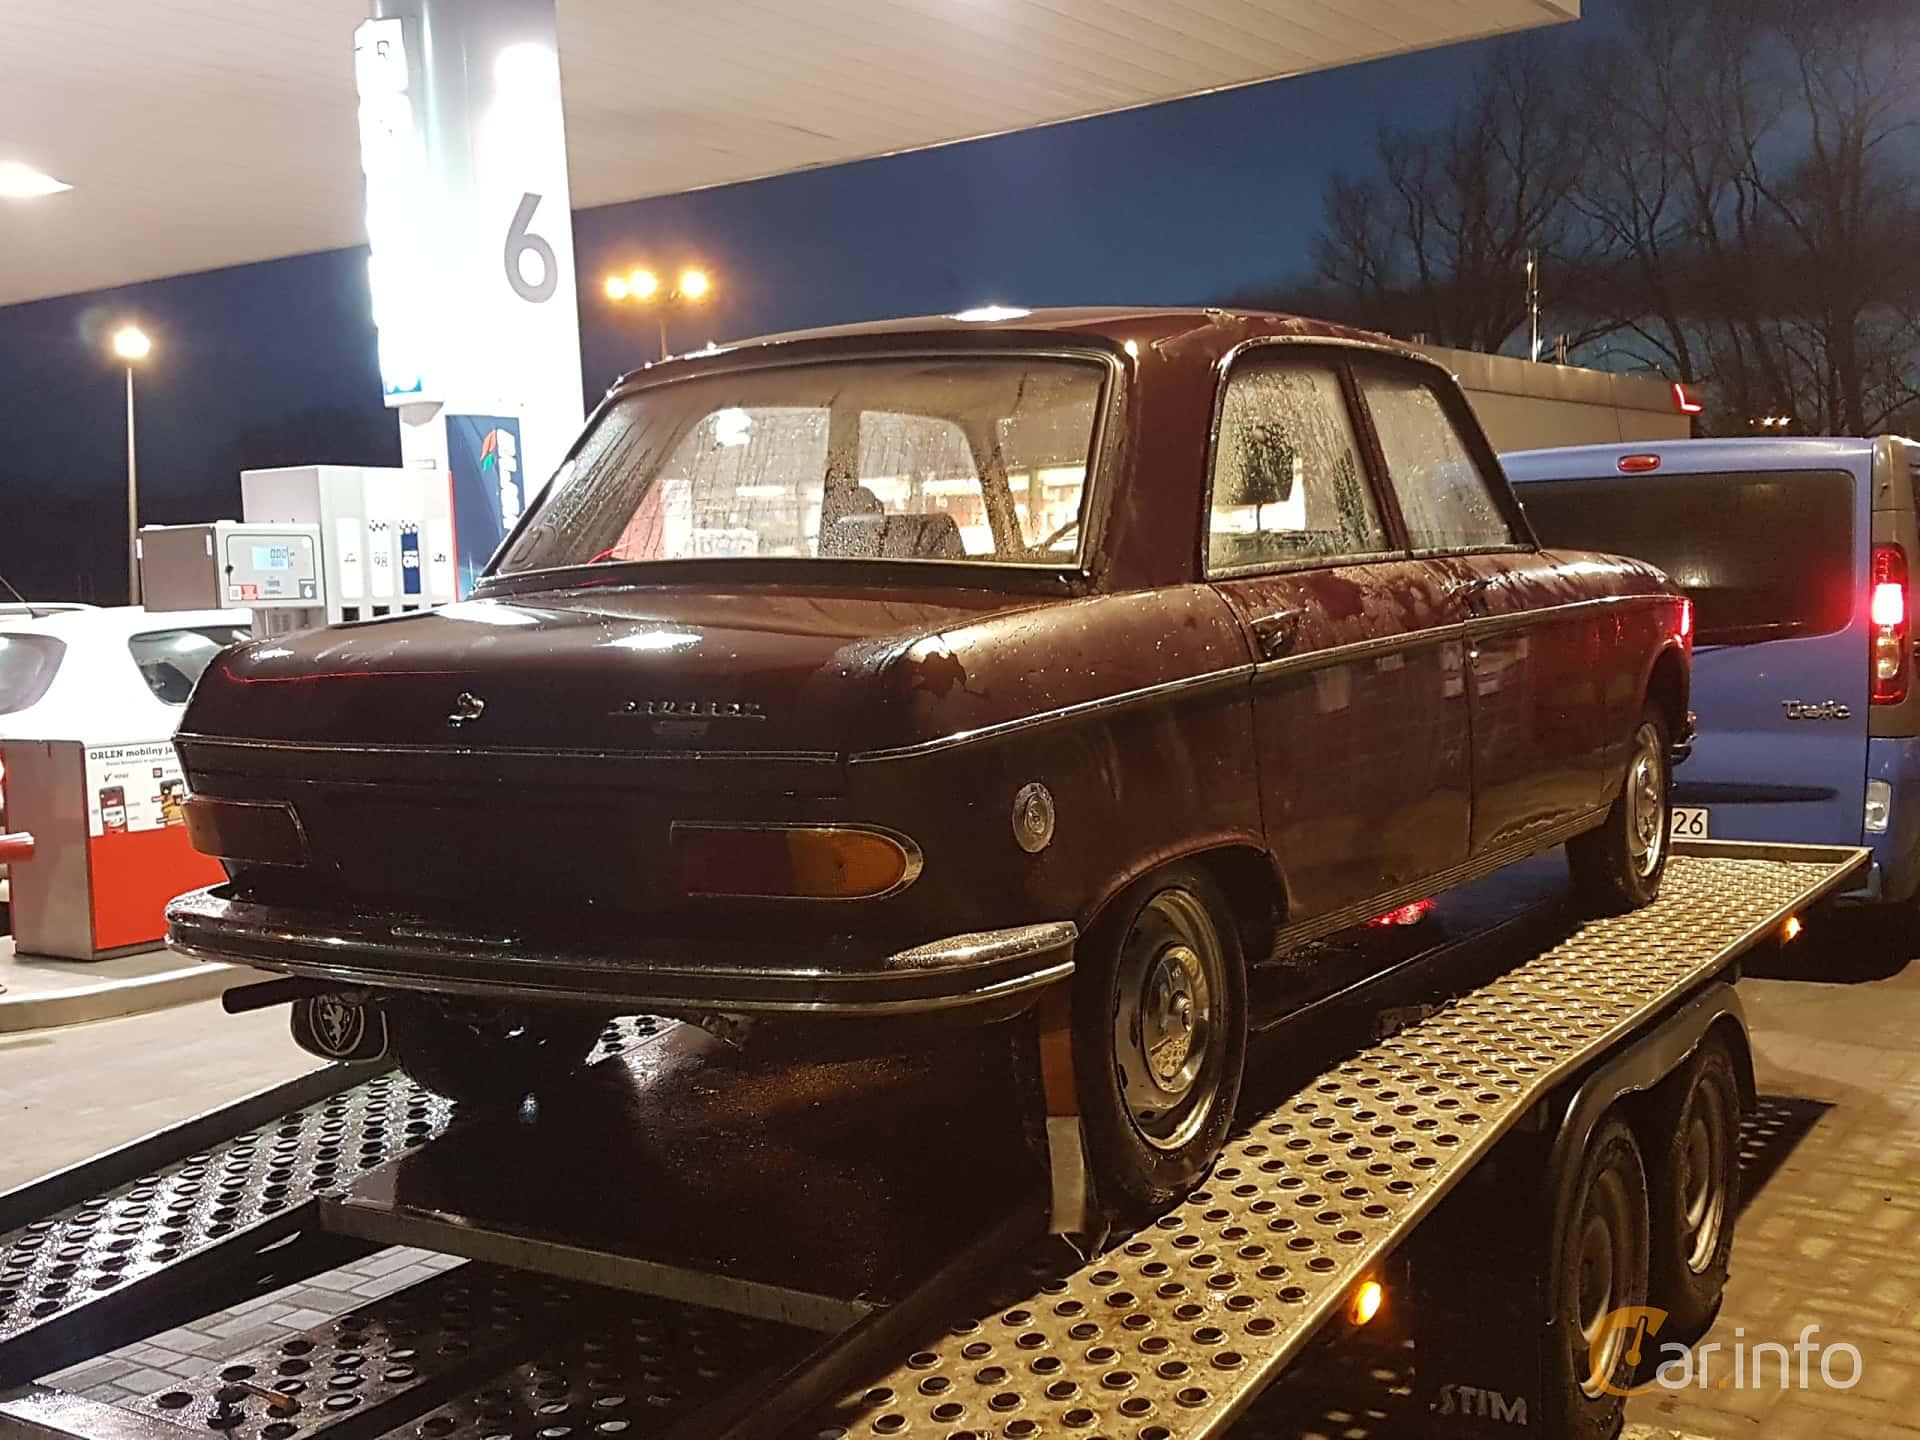 Peugeot 204 Sedan 1.1 Manuell, 54hk, 1972